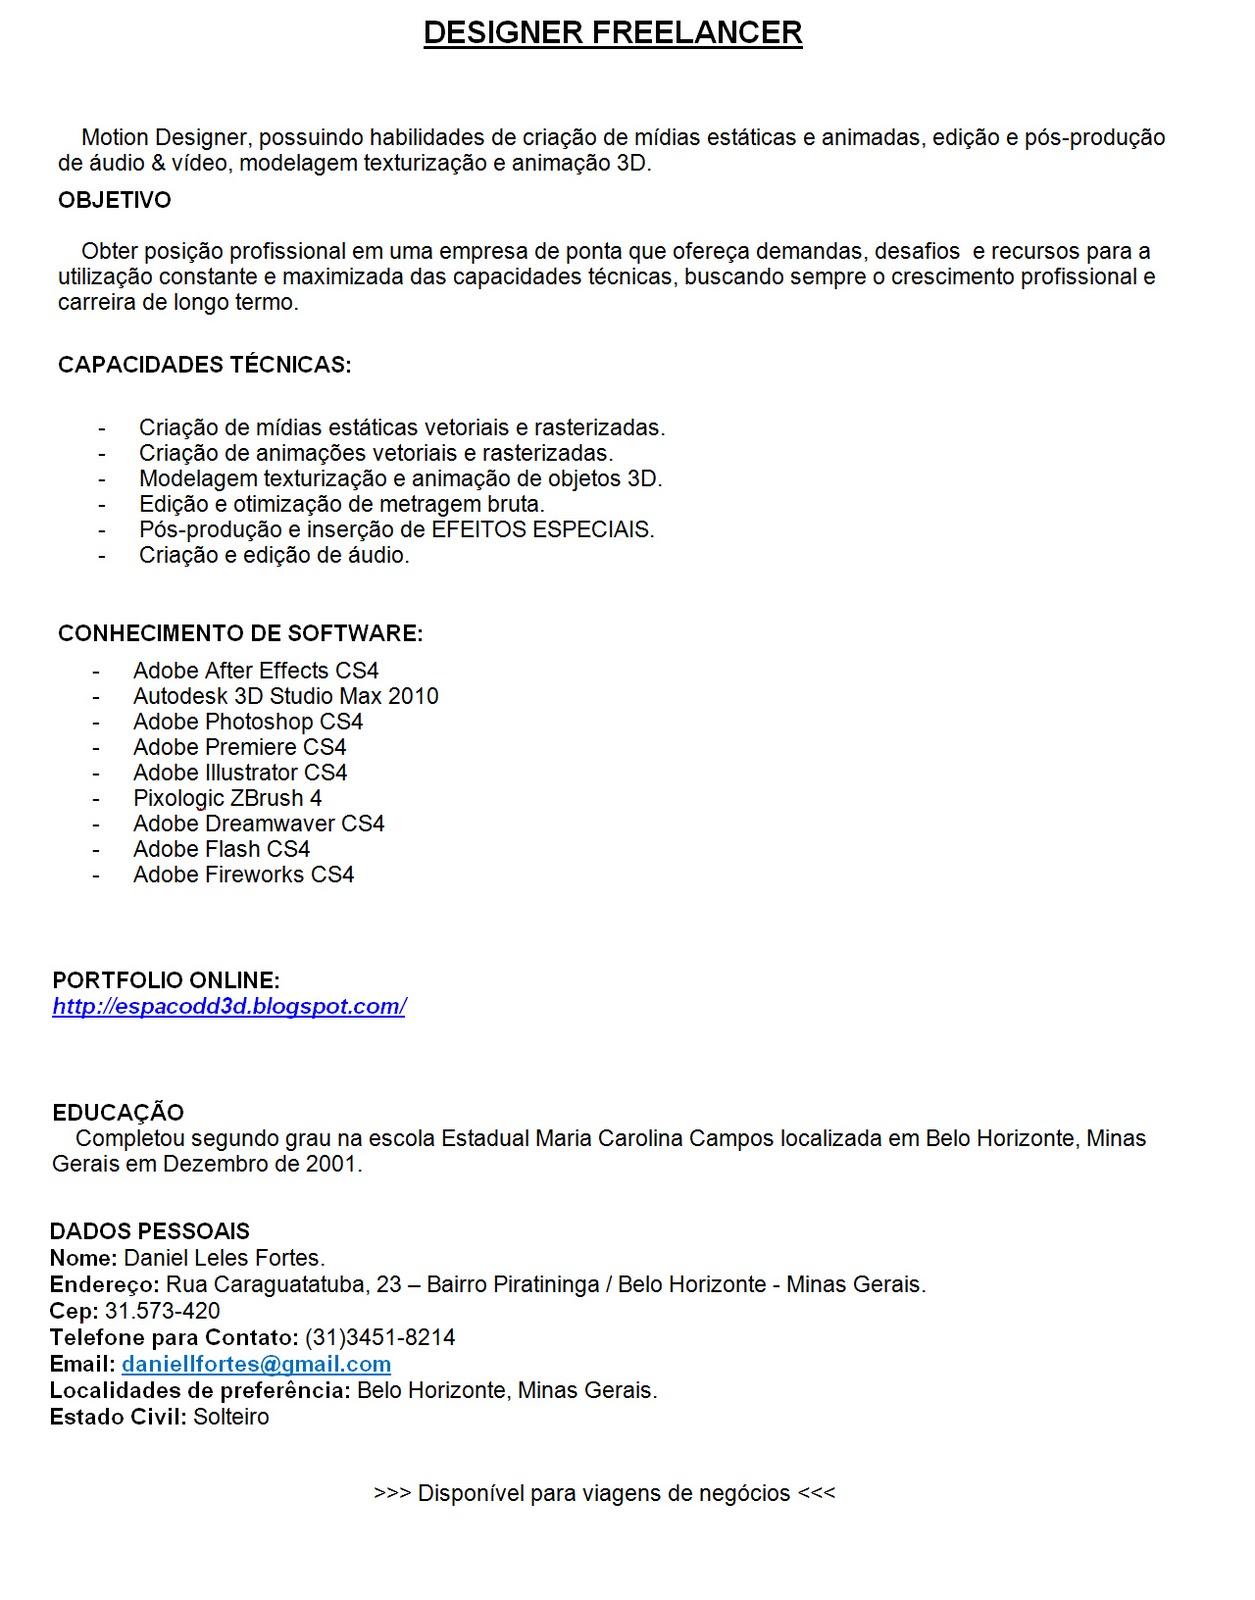 Excepcional Ejemplo De Página De Referencias De Currículum ...